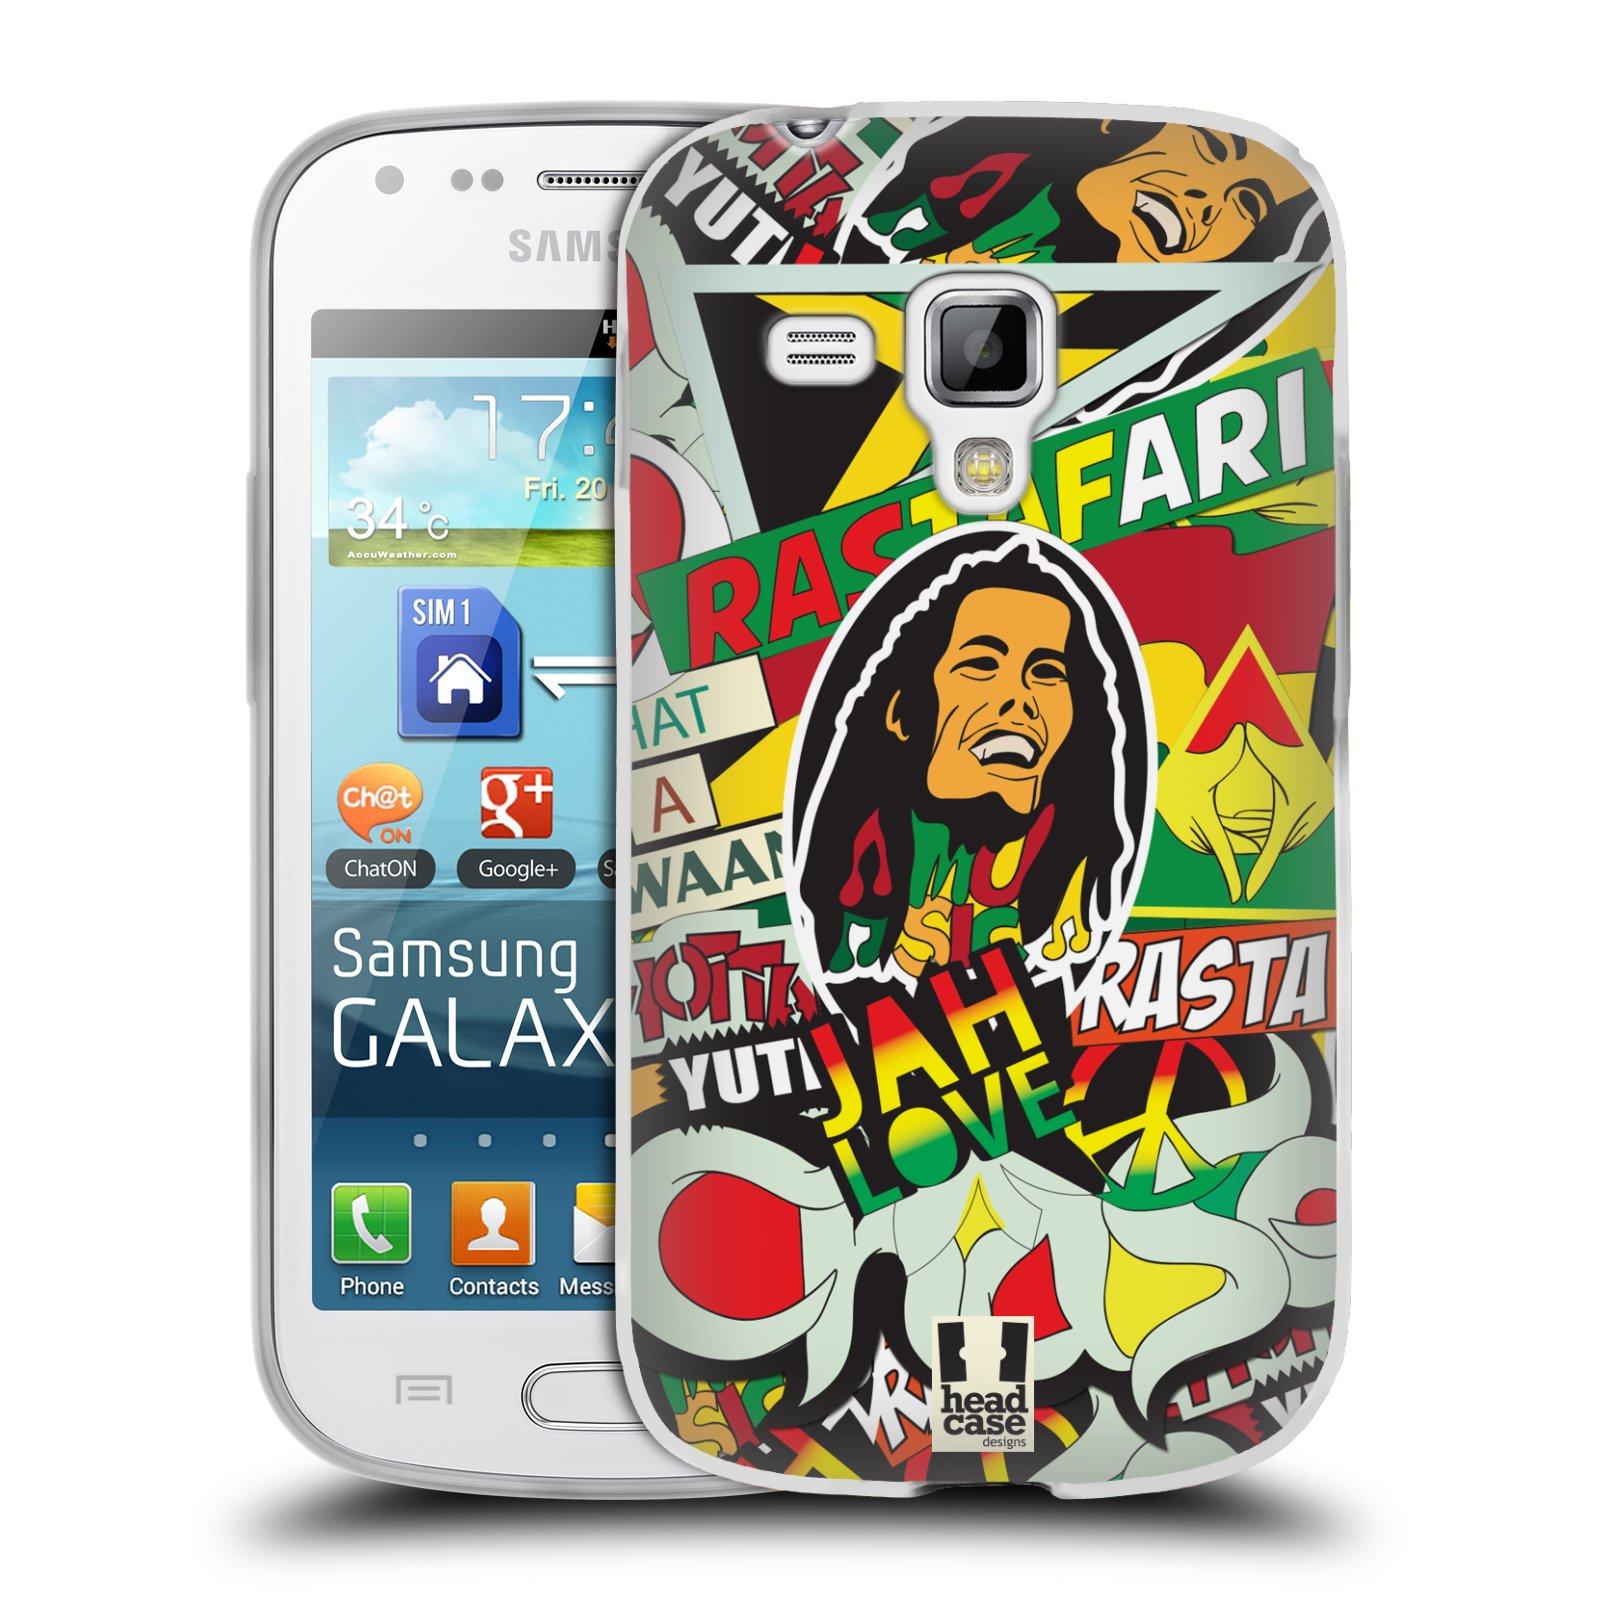 Silikonové pouzdro na mobil Samsung Galaxy S Duos 2 HEAD CASE RASTA (Silikonový kryt či obal na mobilní telefon Samsung Galaxy S Duos 2 GT-S7582)